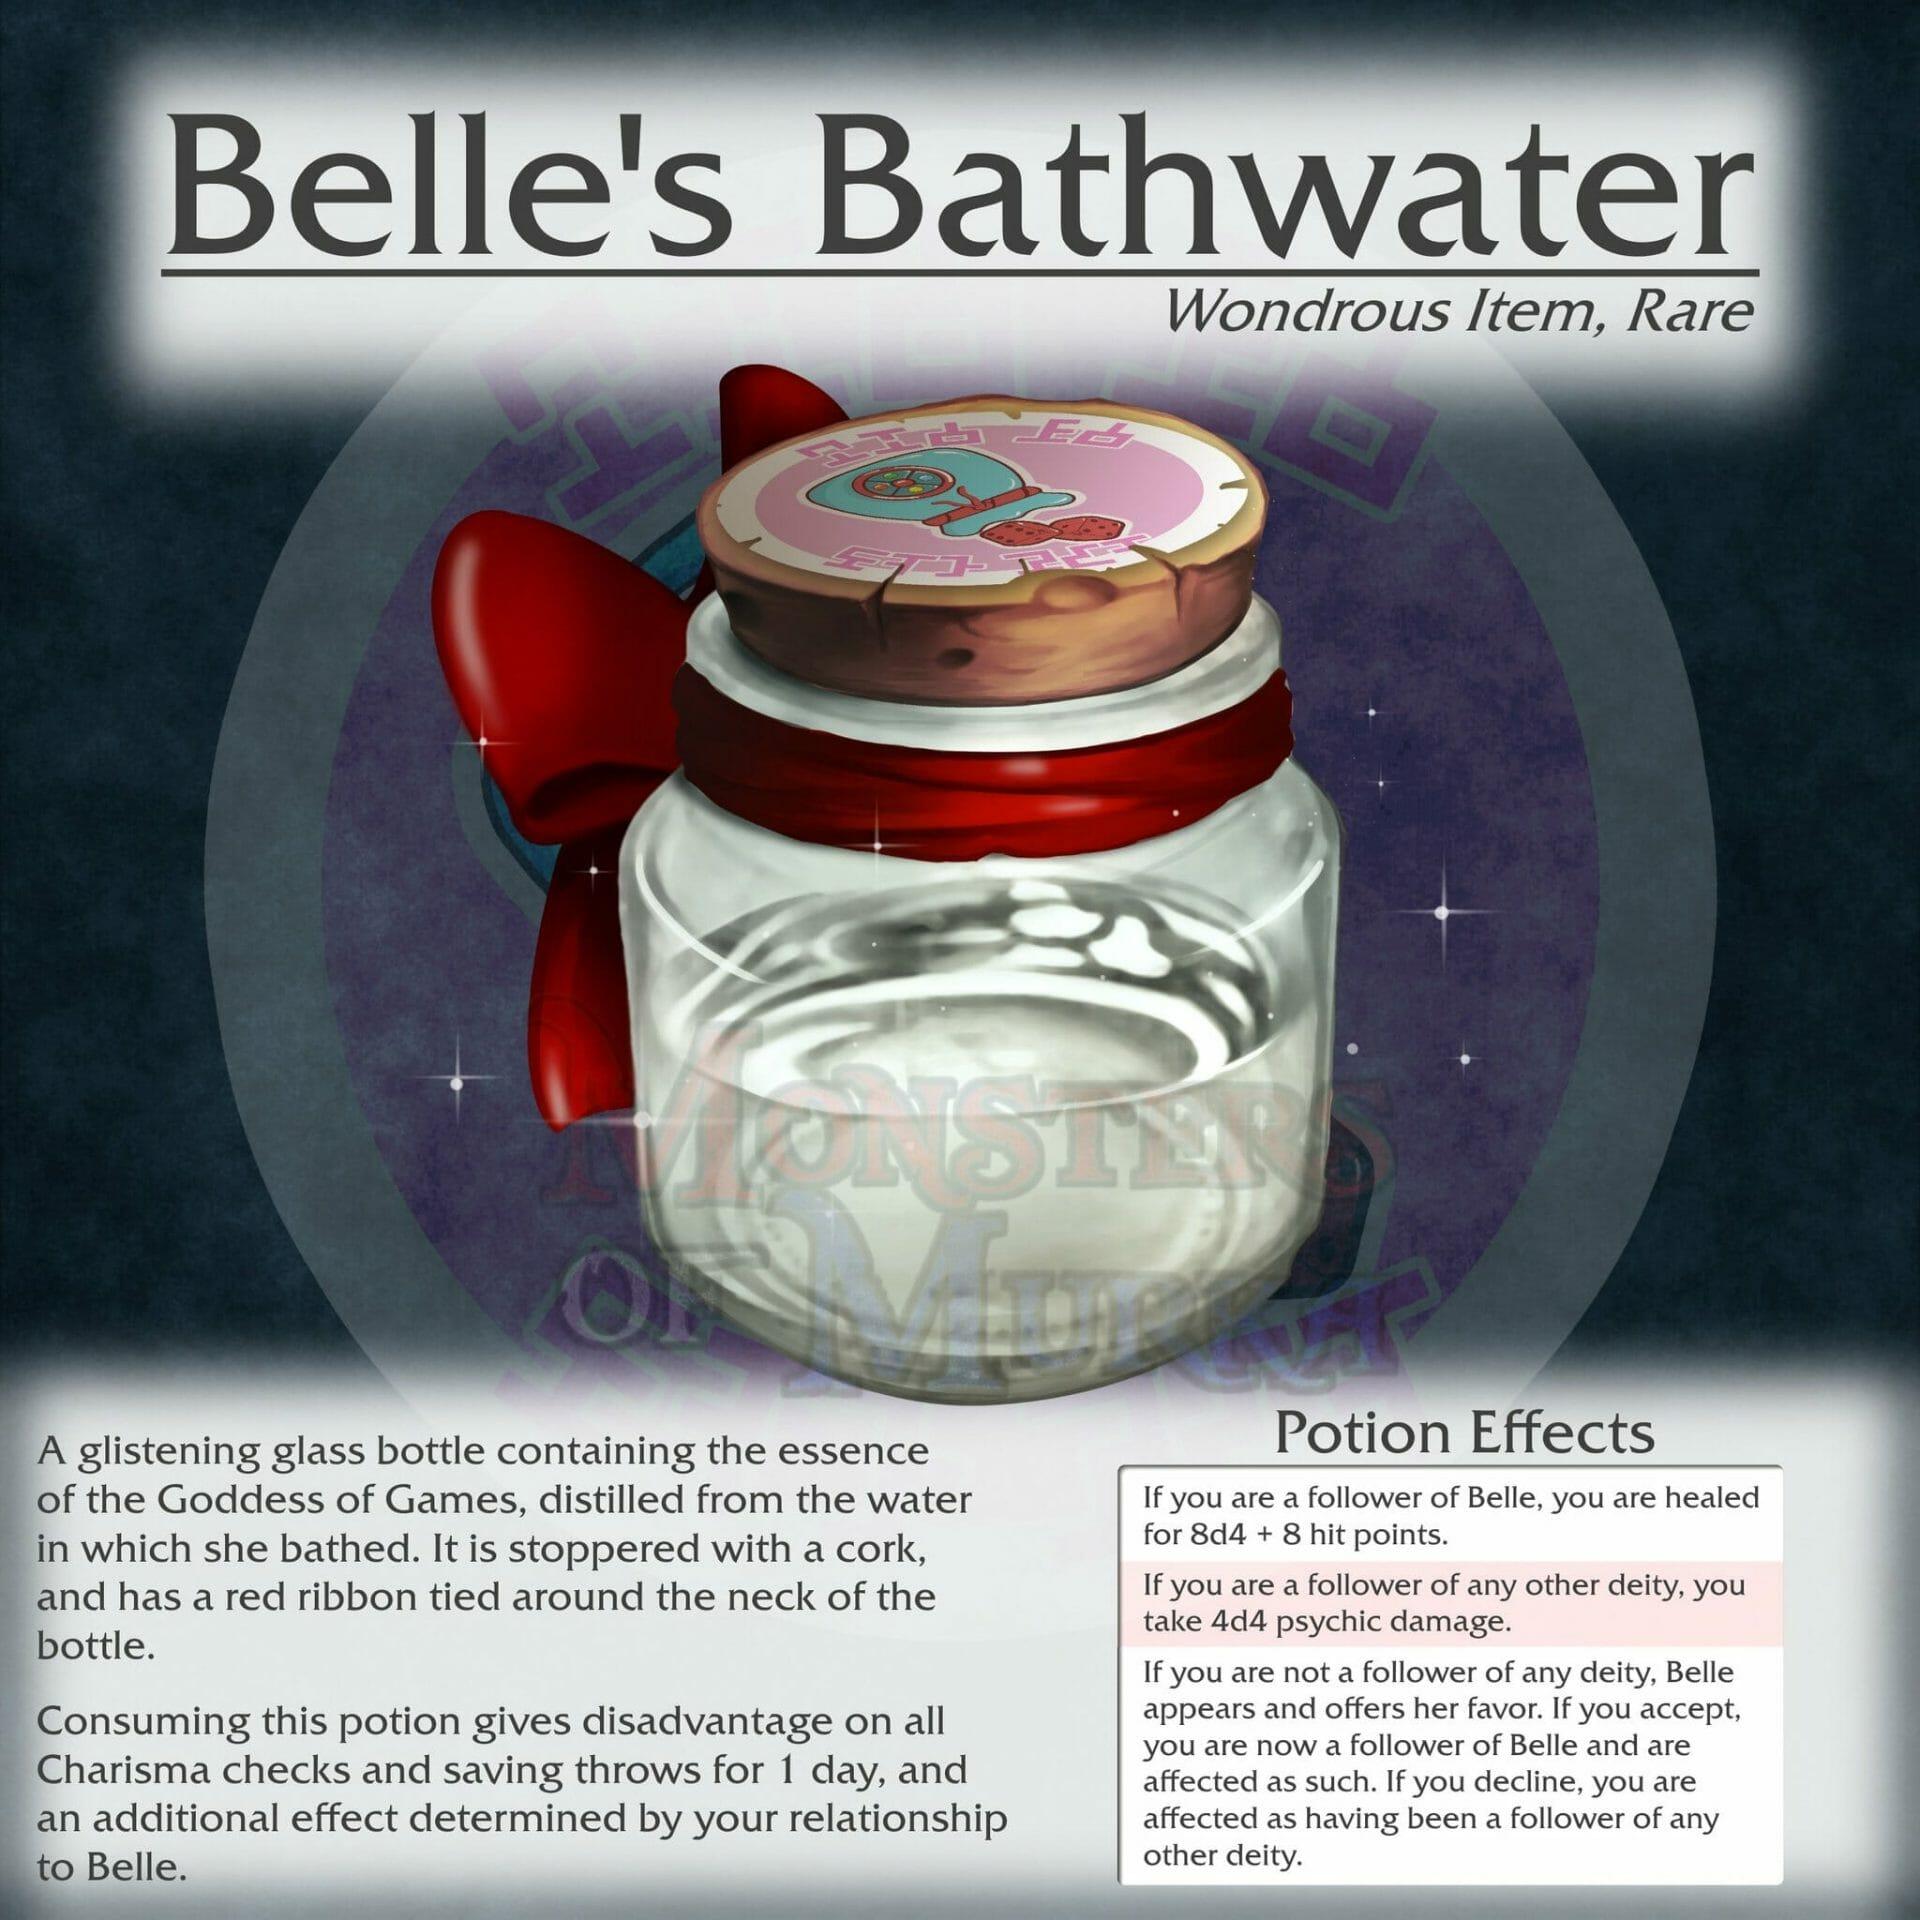 Belle's Bathwater